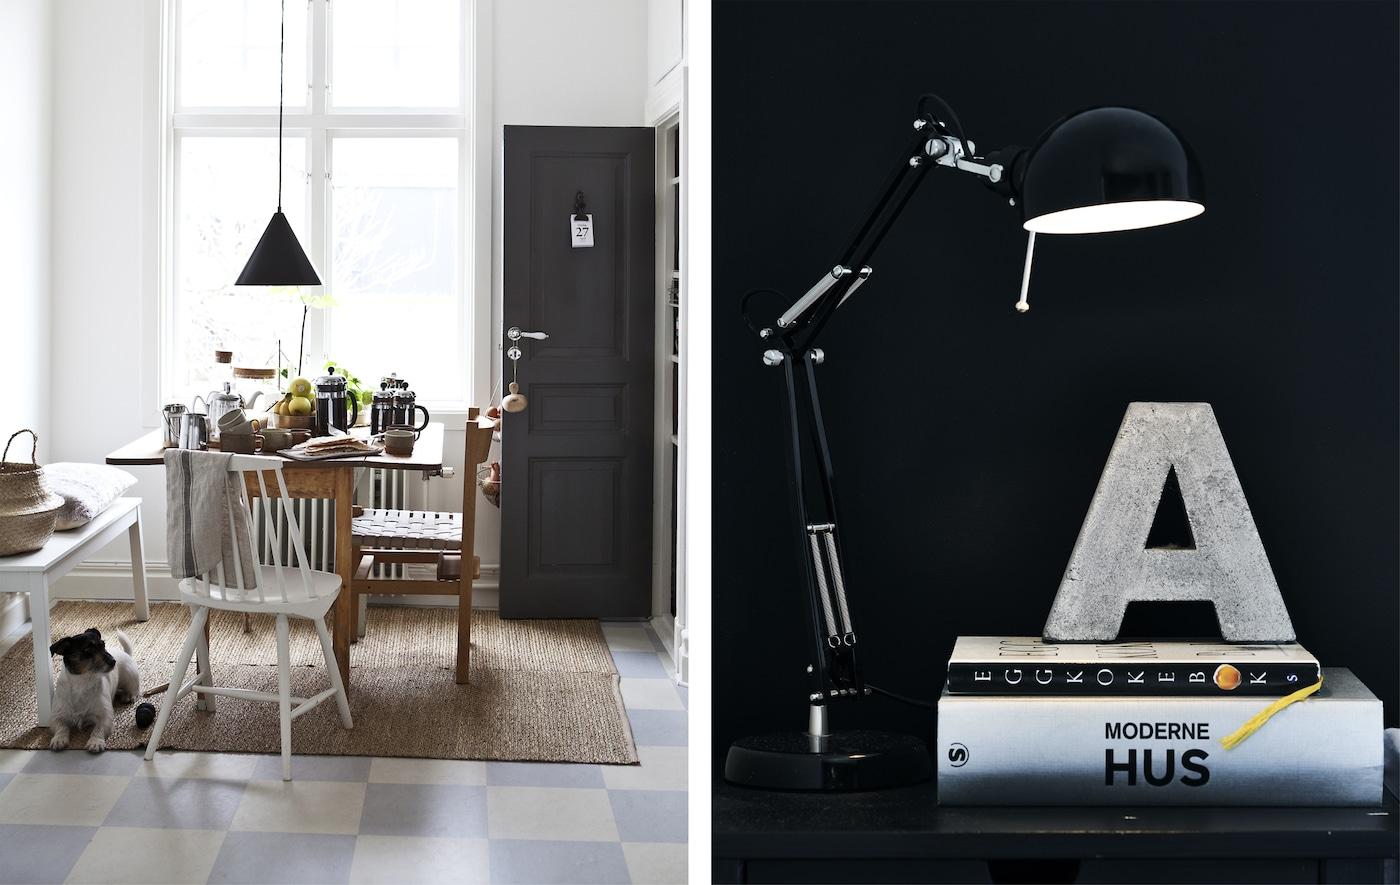 Ein weiss eingerichtetes Esszimmer und Nahaufnahme einer Leuchte auf einem Nachttisch vor einer schwarzen Wand.